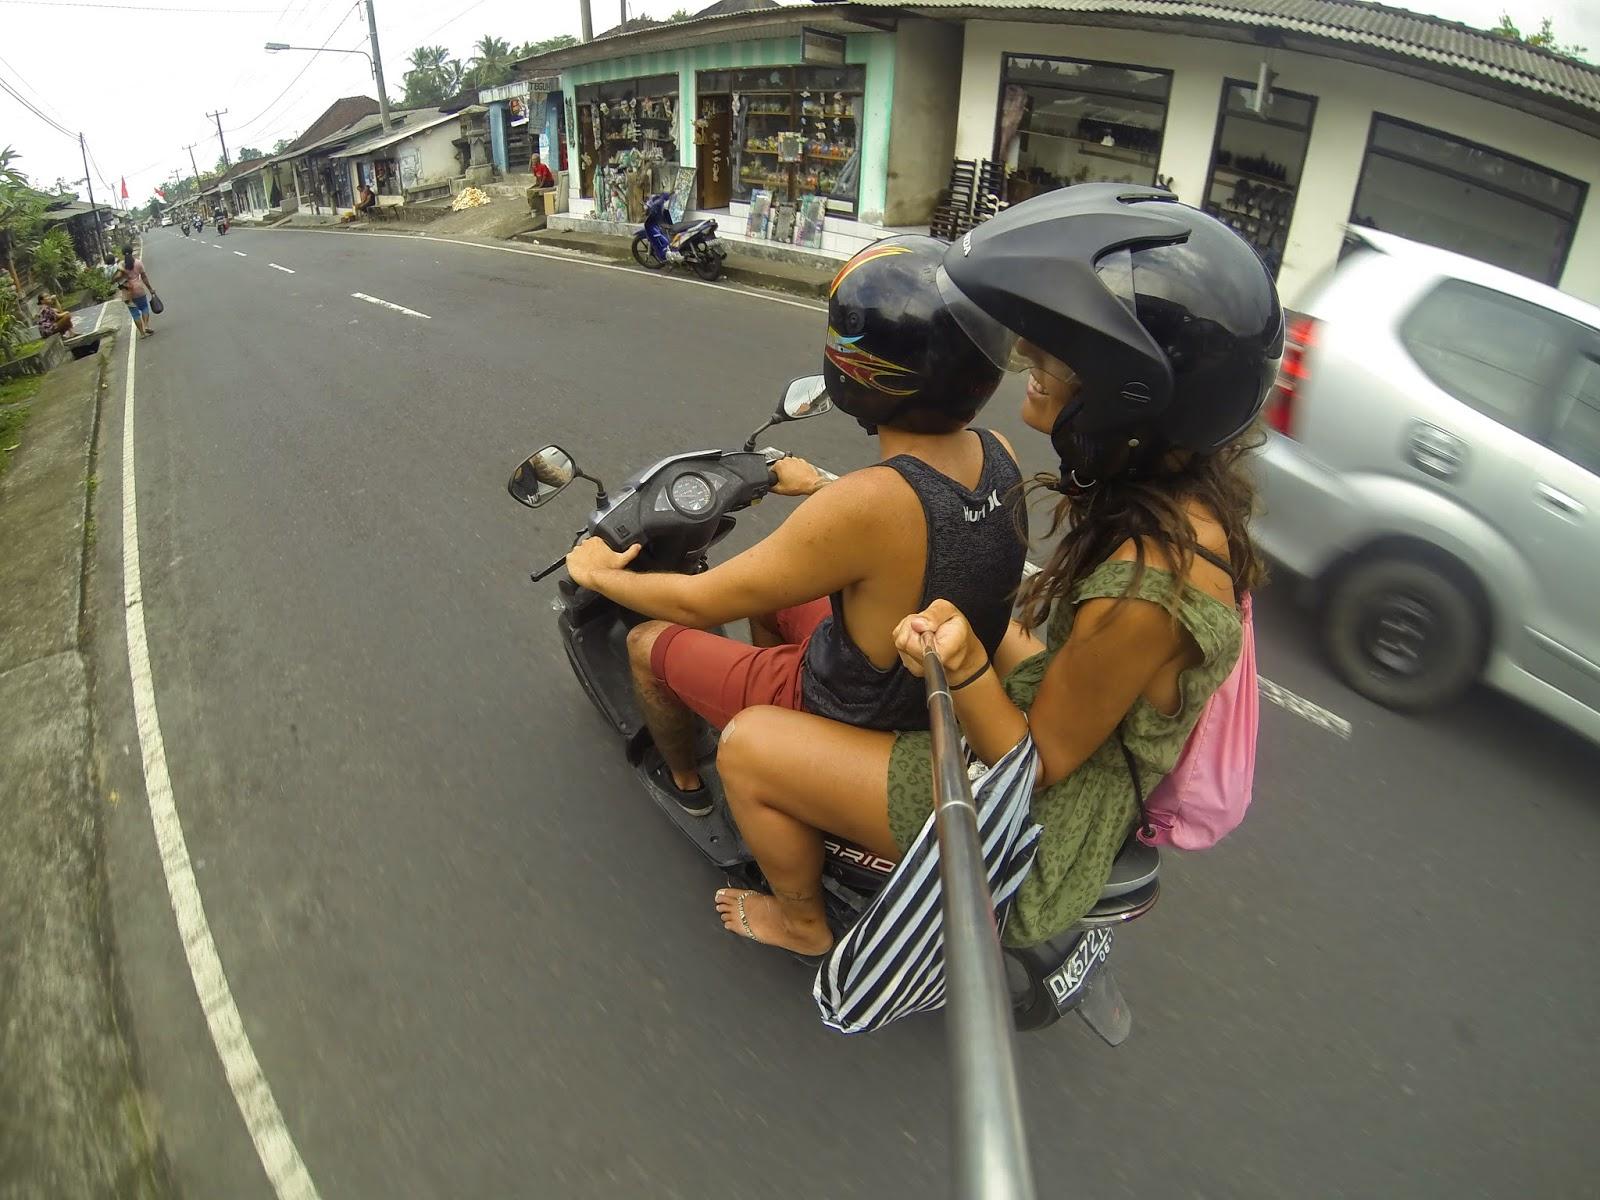 Gopro moto Bali